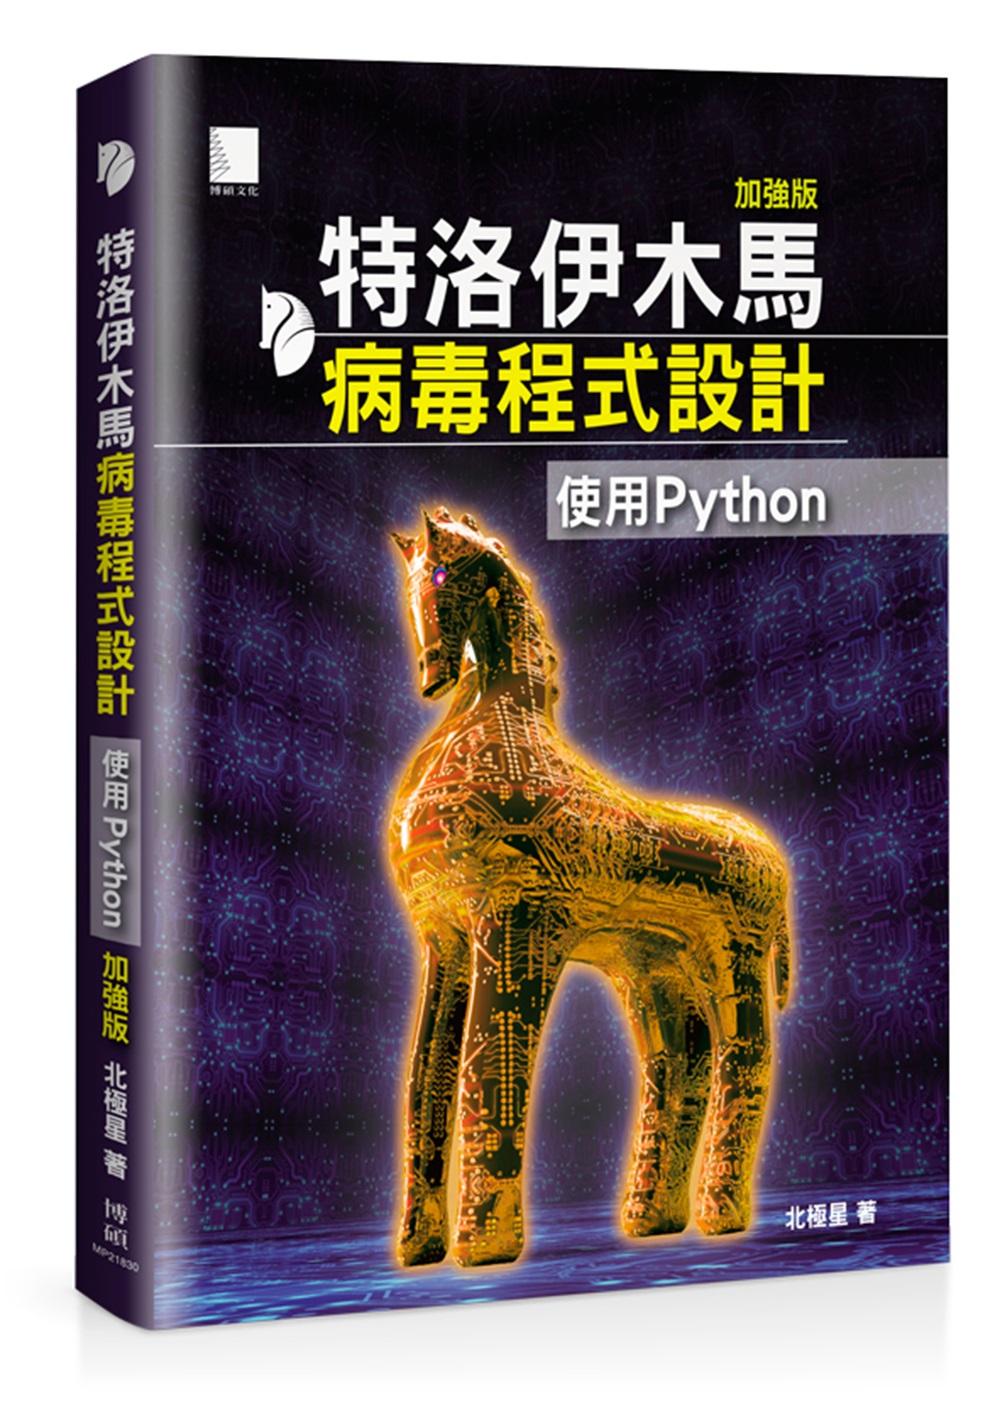 特洛伊木馬病毒程式設計(加強版):使用Python